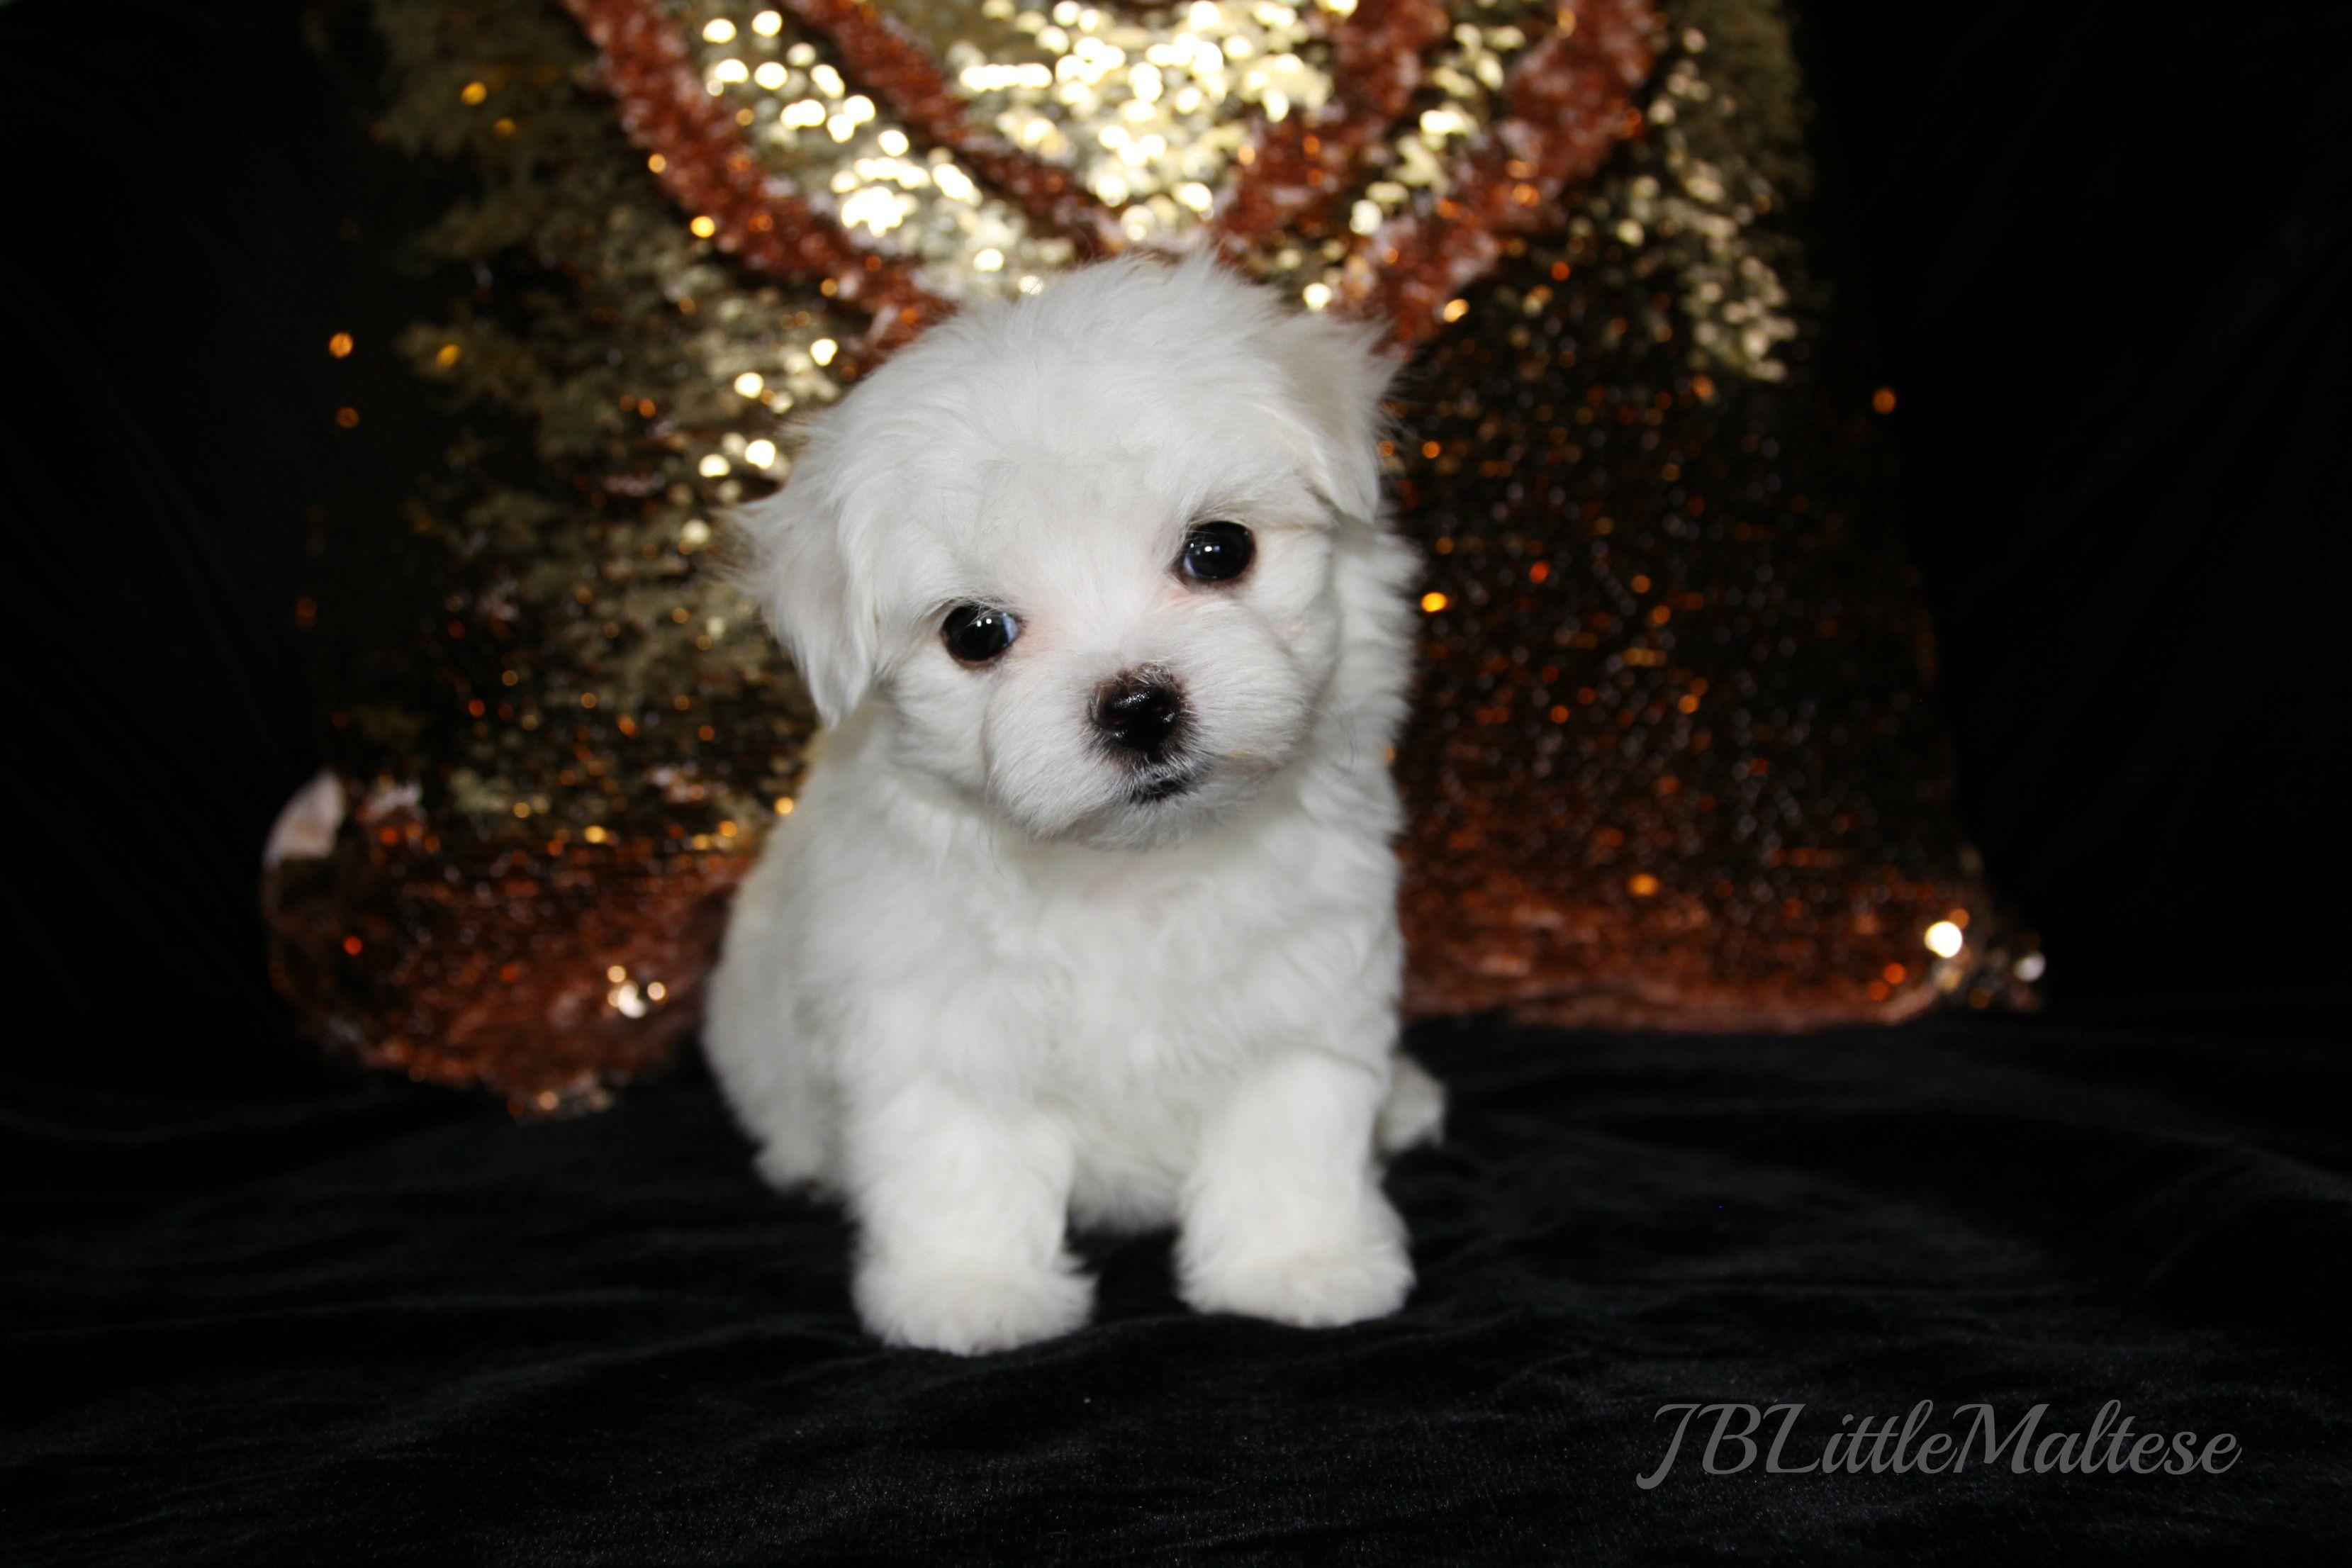 Maltese puppy of JBLittleMaltese Reg'd - www.jblittlemaltese.com  Home of top show dogs, purebred Maltese from our Champions!